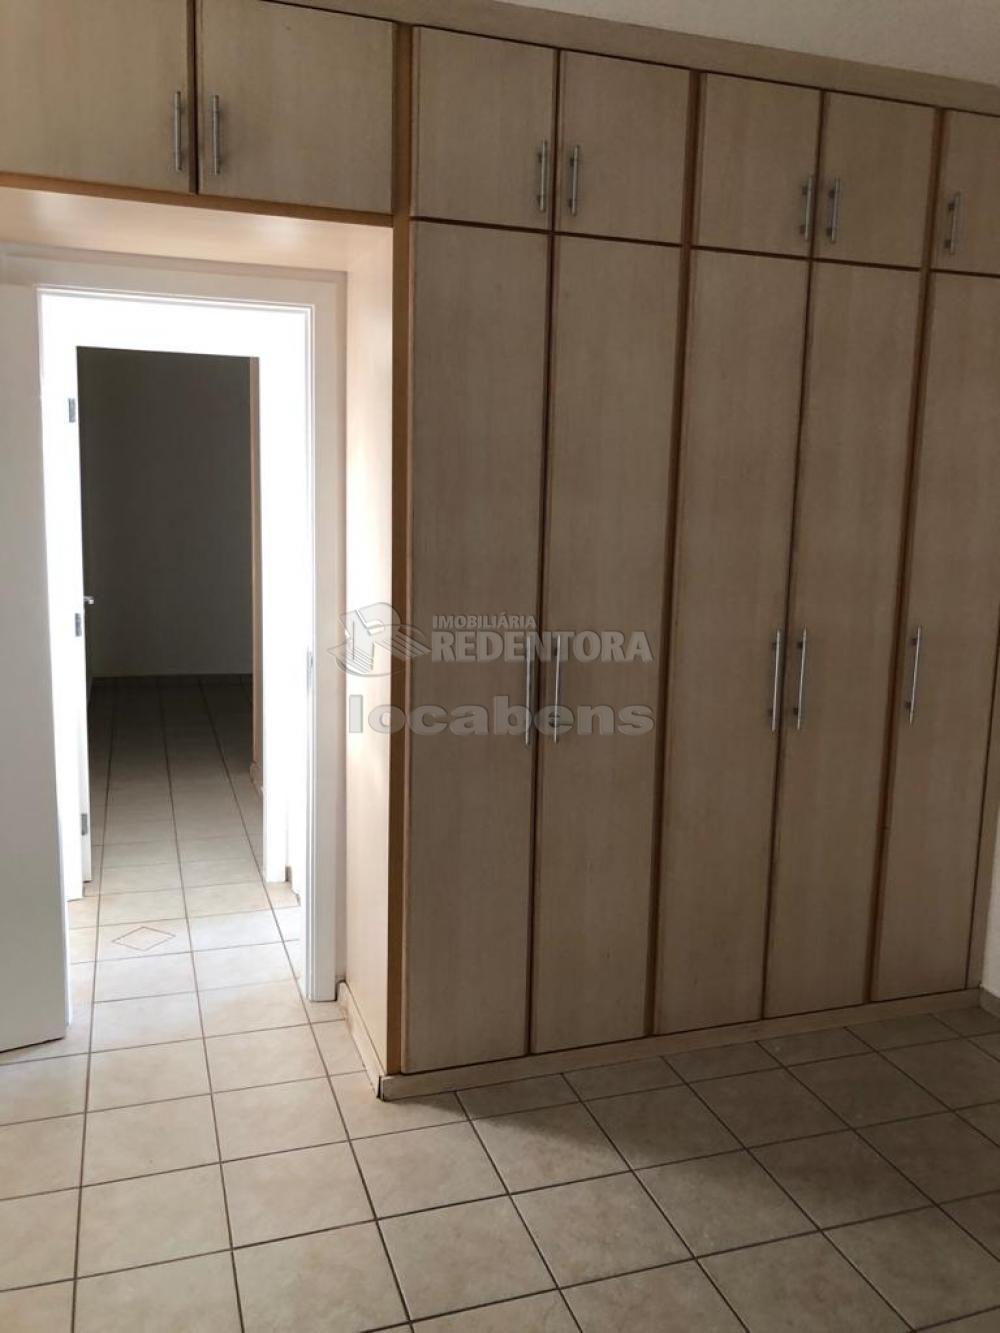 Alugar Apartamento / Padrão em São José do Rio Preto apenas R$ 1.500,00 - Foto 17